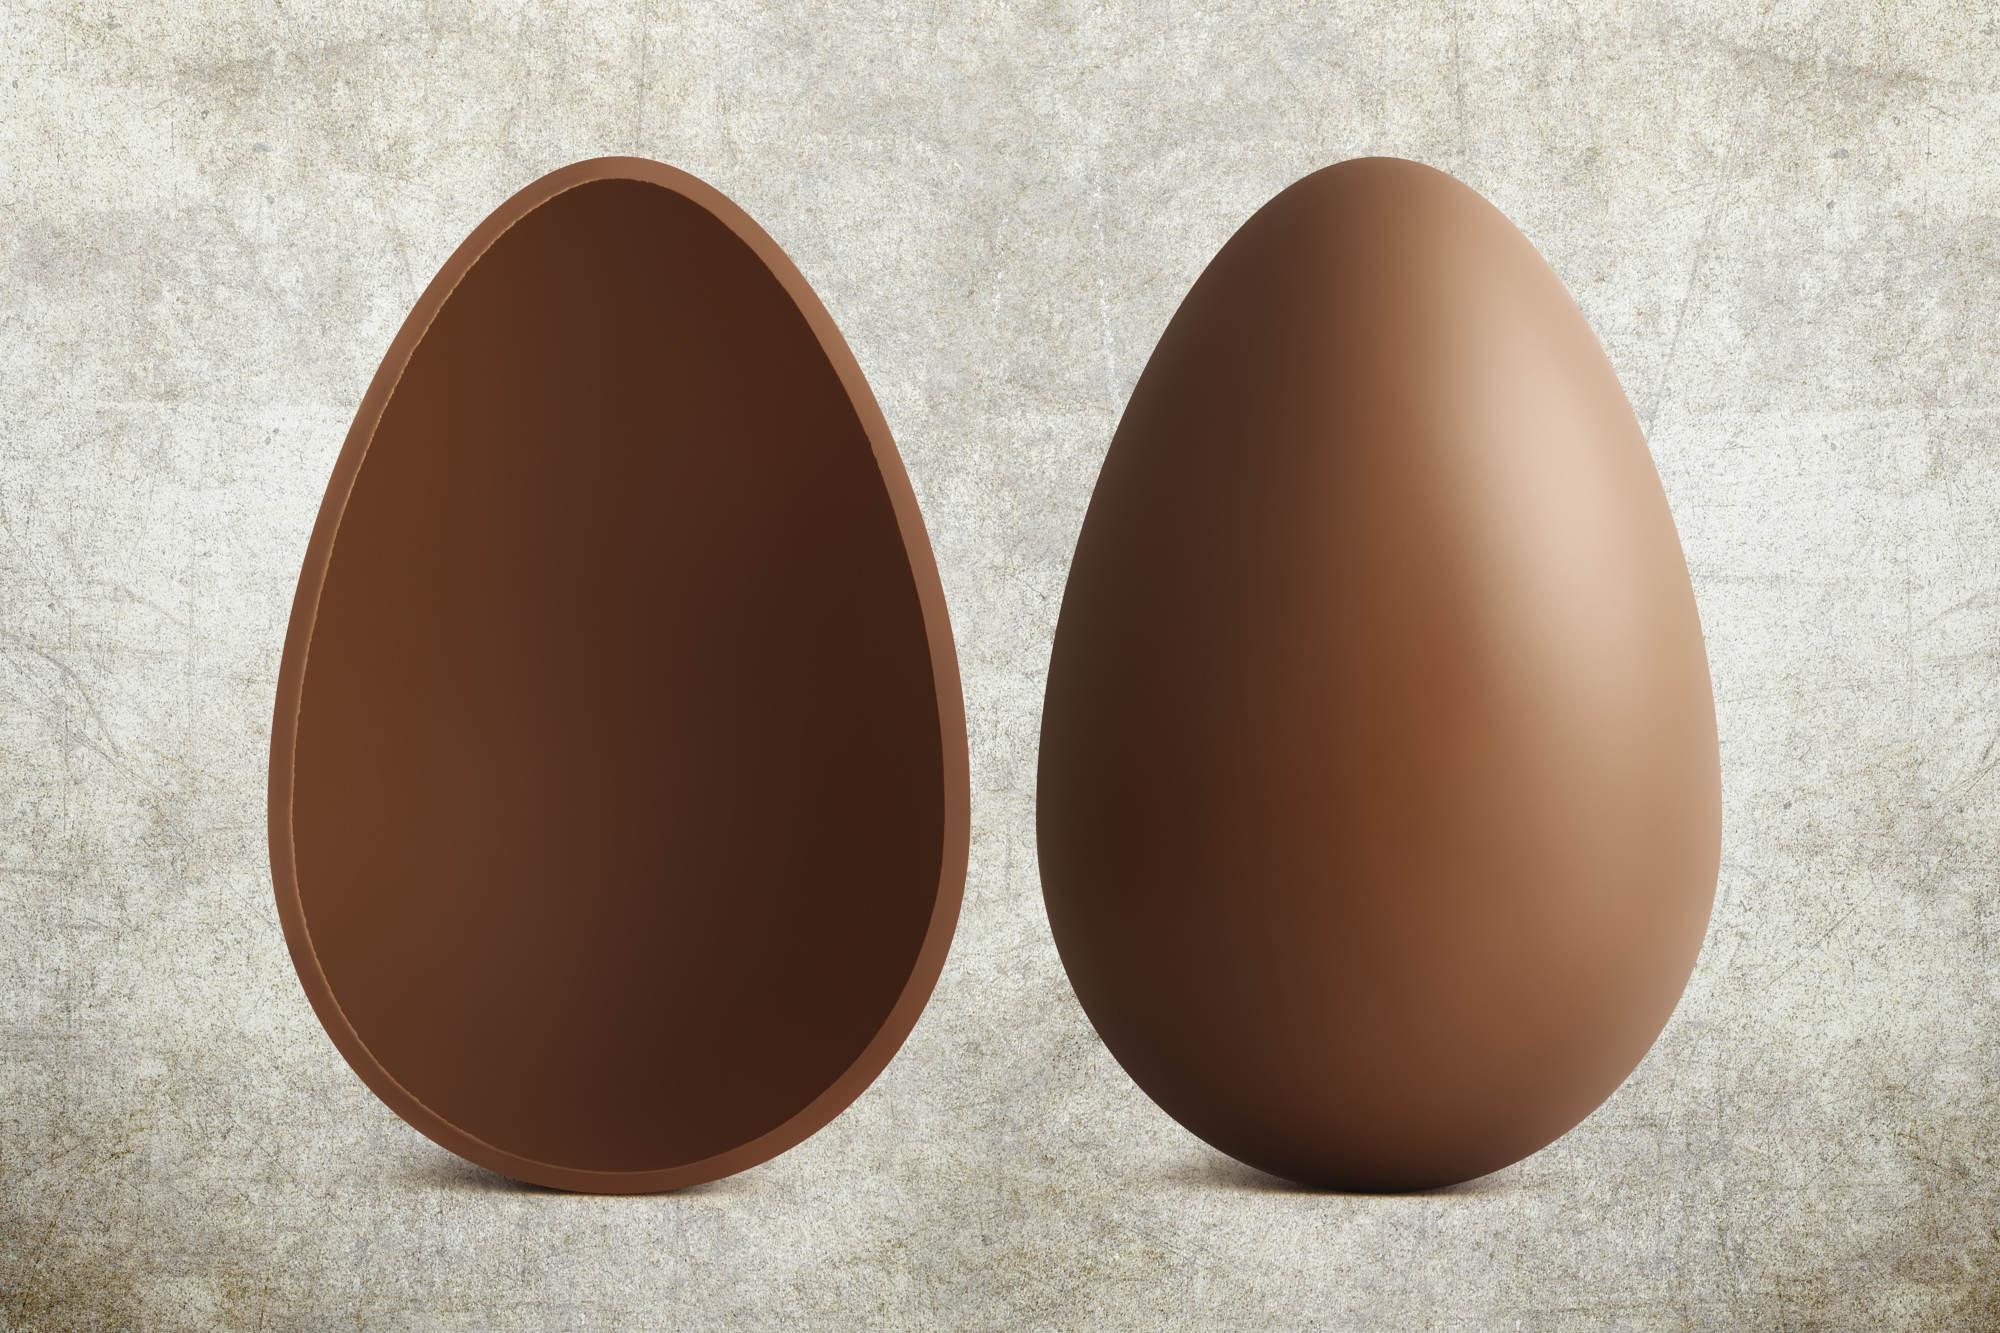 Perch regaliamo uova di cioccolato tartufi dolci antica torroneria piemontese - Uova di pasqua decorati a mano ...